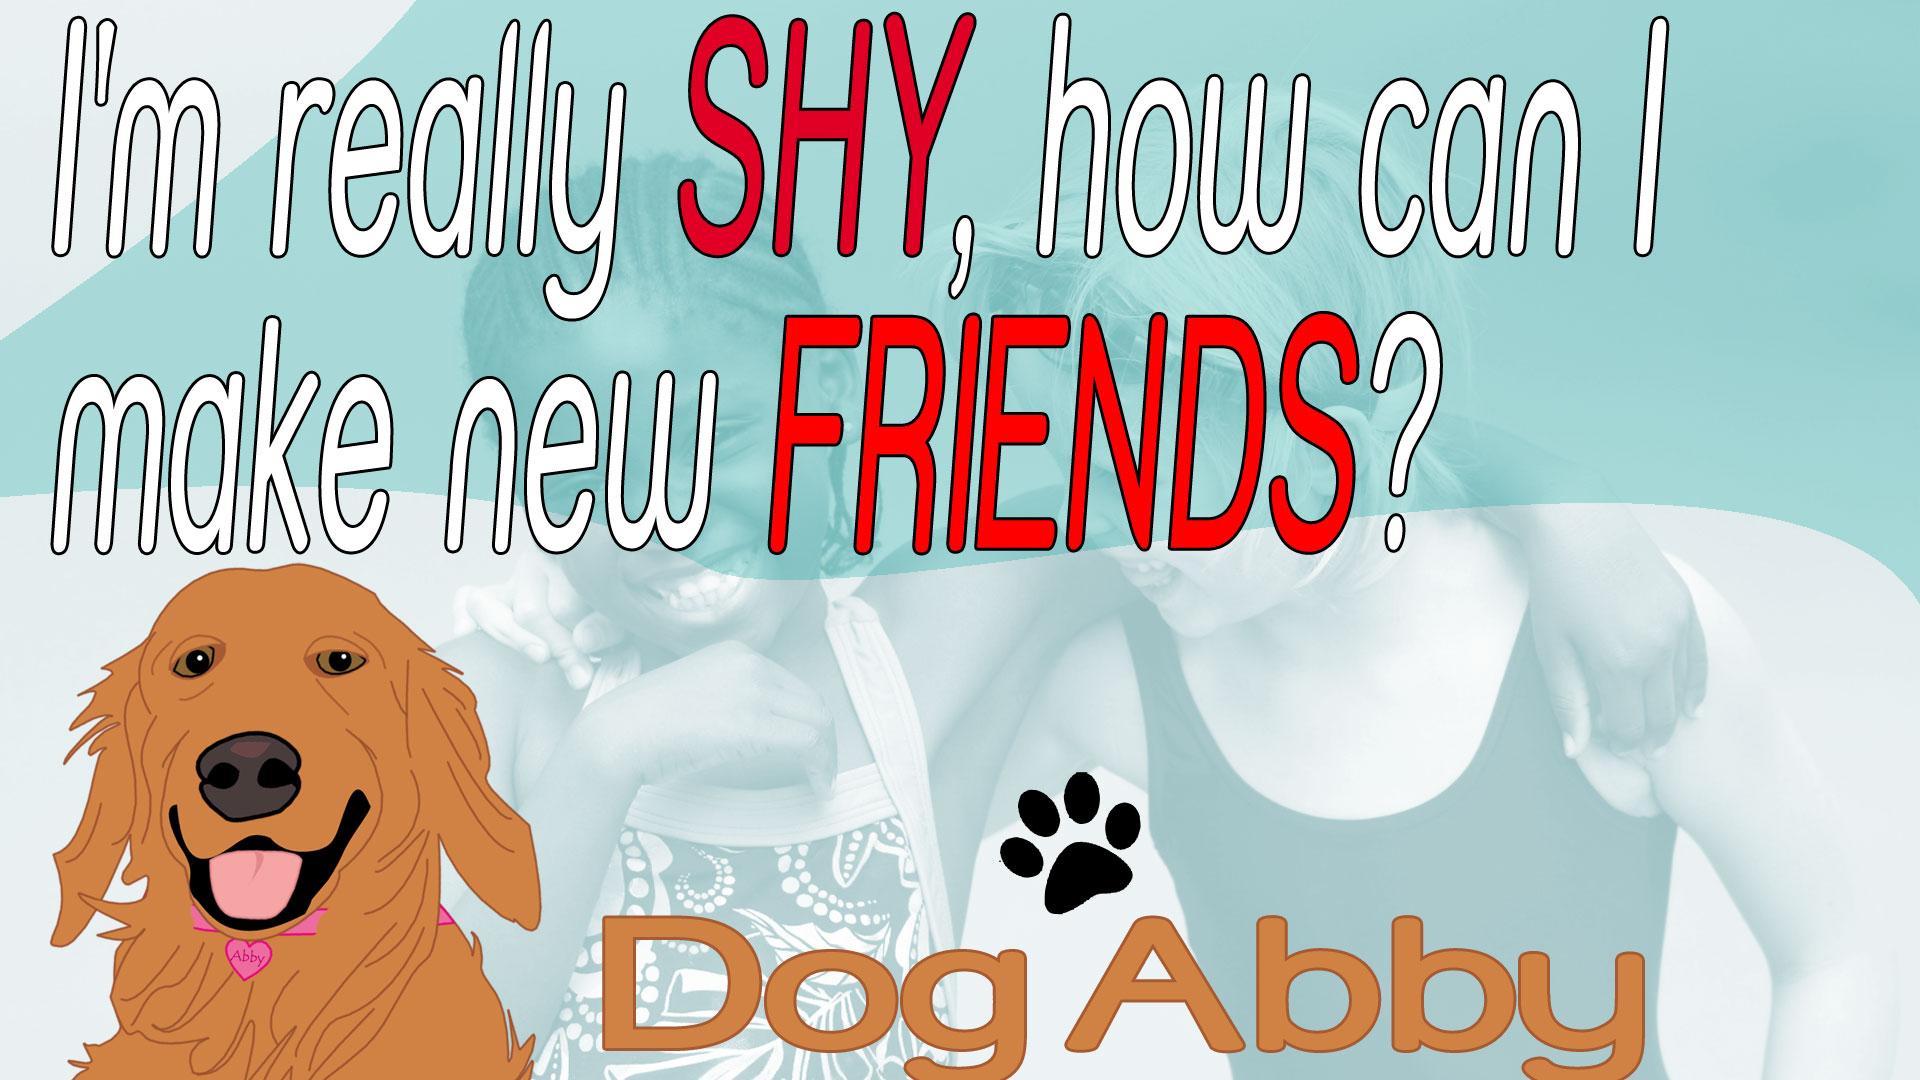 Dog Abby